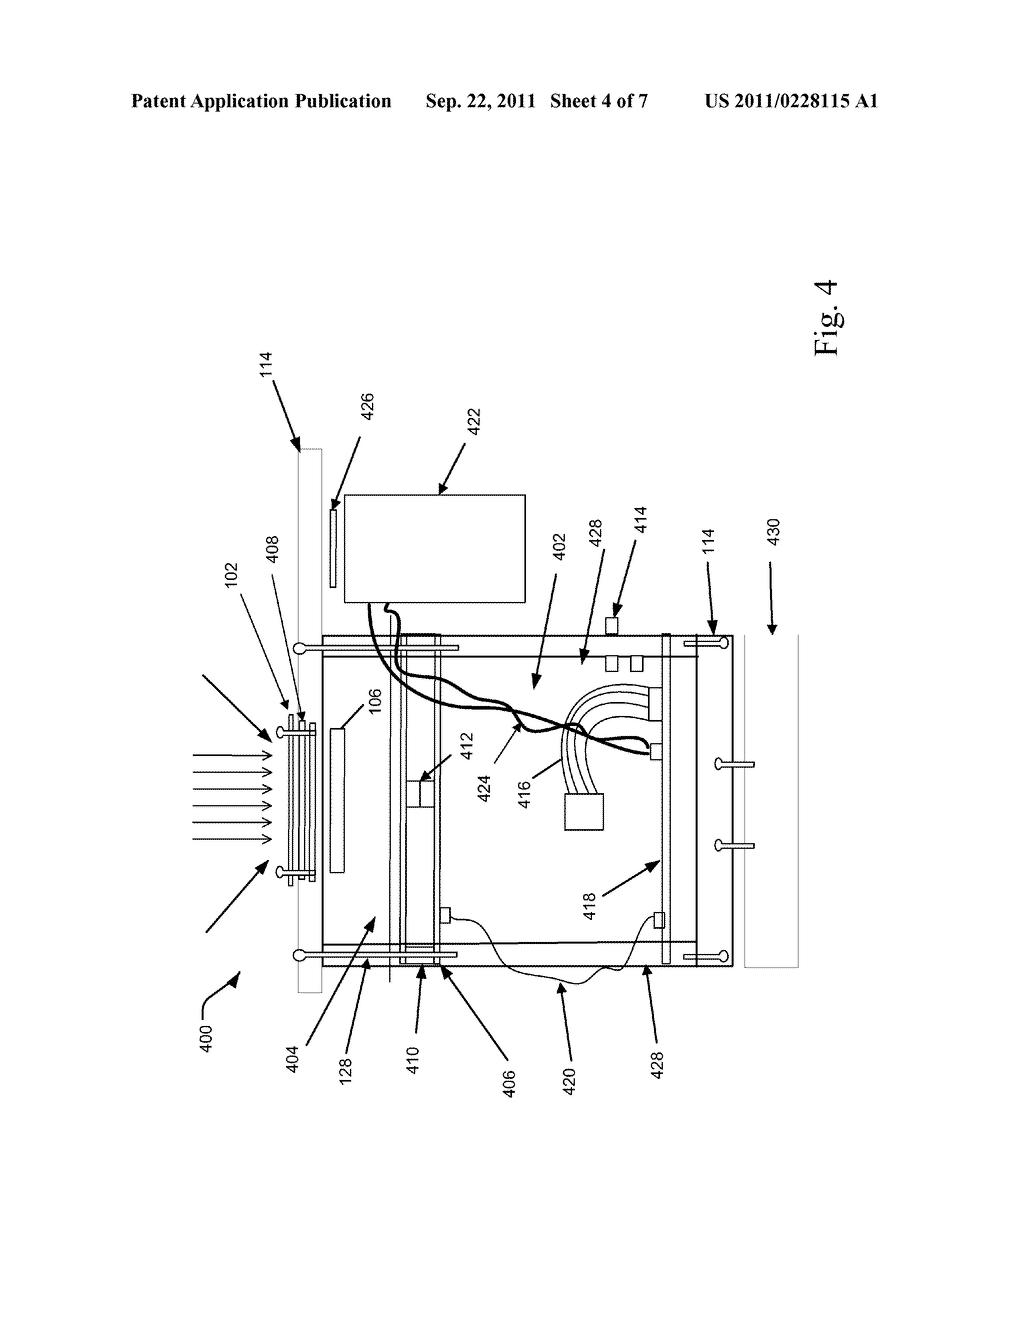 2004 suzuki eiger 400 4x4 wiring diagram leg bones labeled ignition